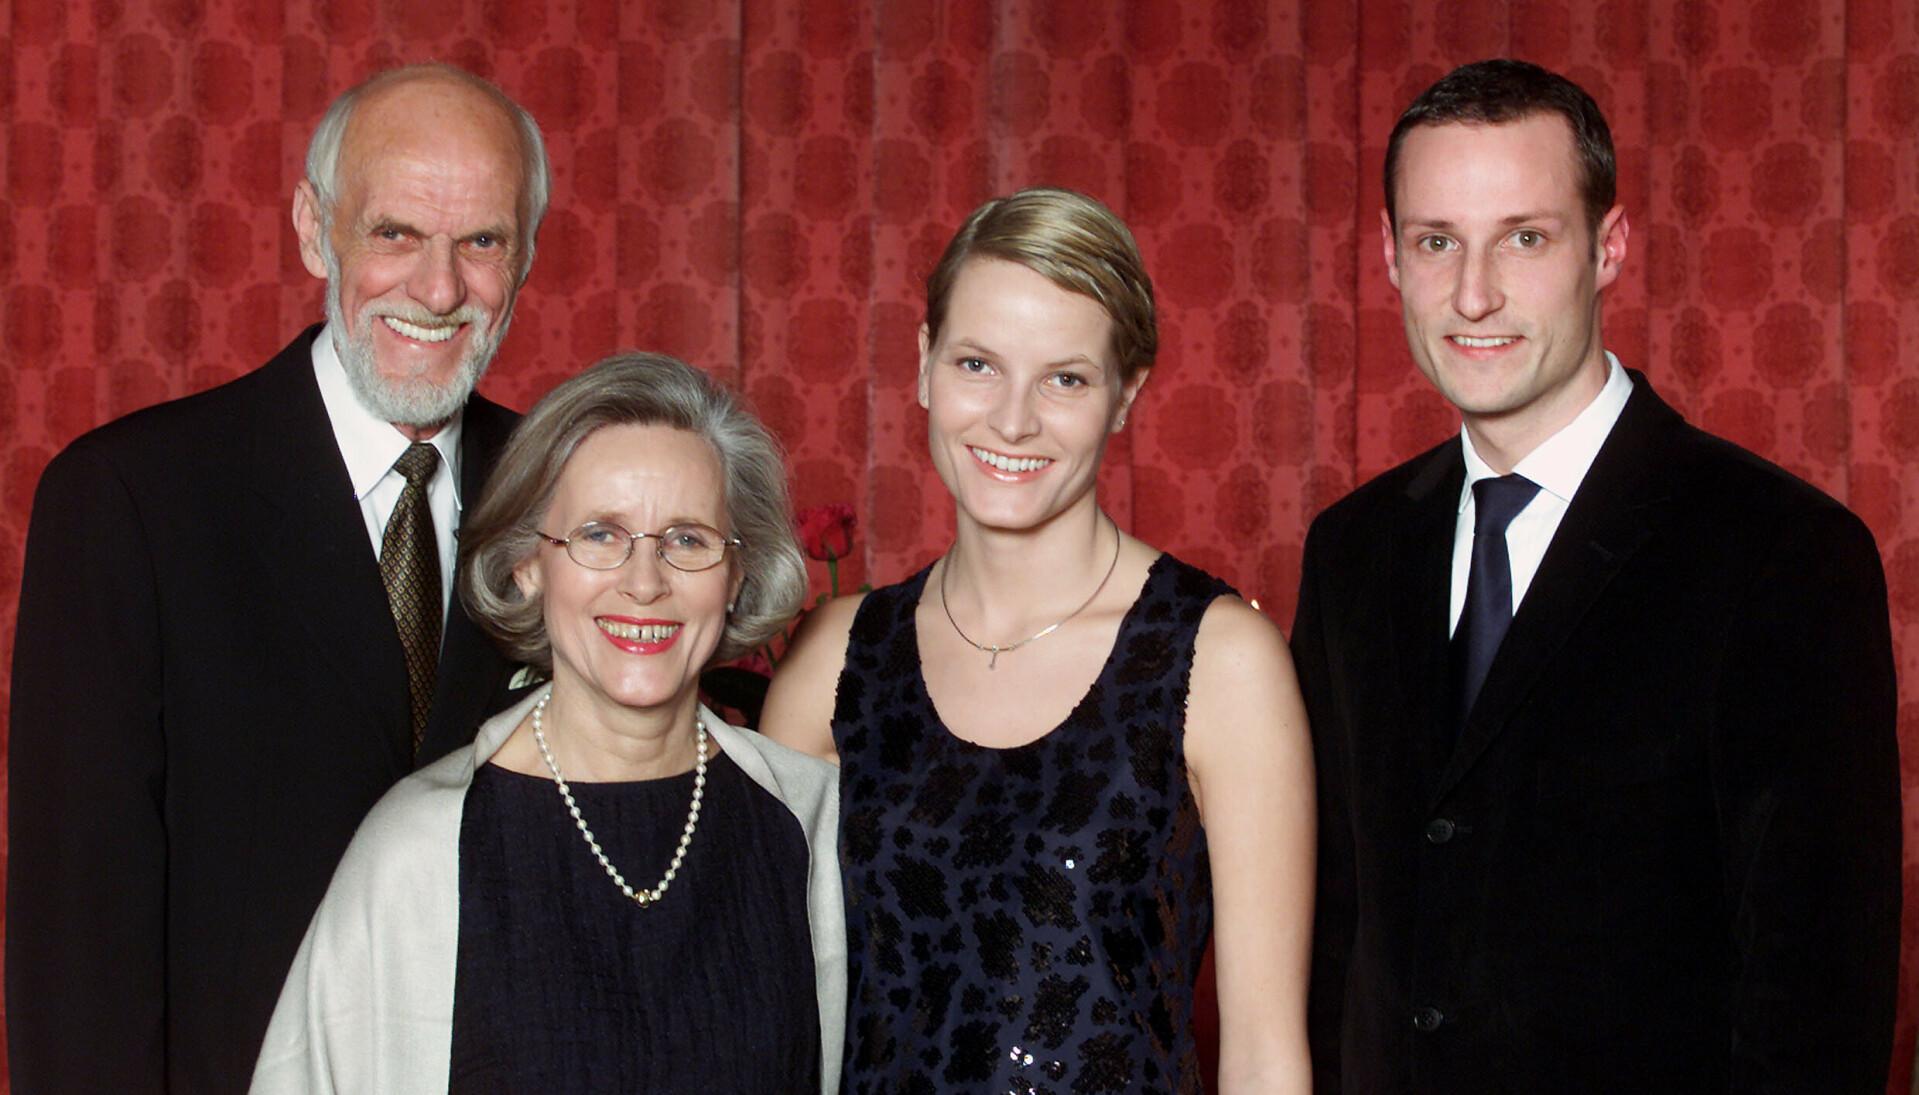 NYTT LIV: Da hennes datter forlovet seg med kronprinsen, forandret livet til Marit Tjessem seg for alltid. Her fotografert sammen de nyforlovende og sin eksmann Sven O. Høiby i 2000. Foto: Lise Åserud / NTB